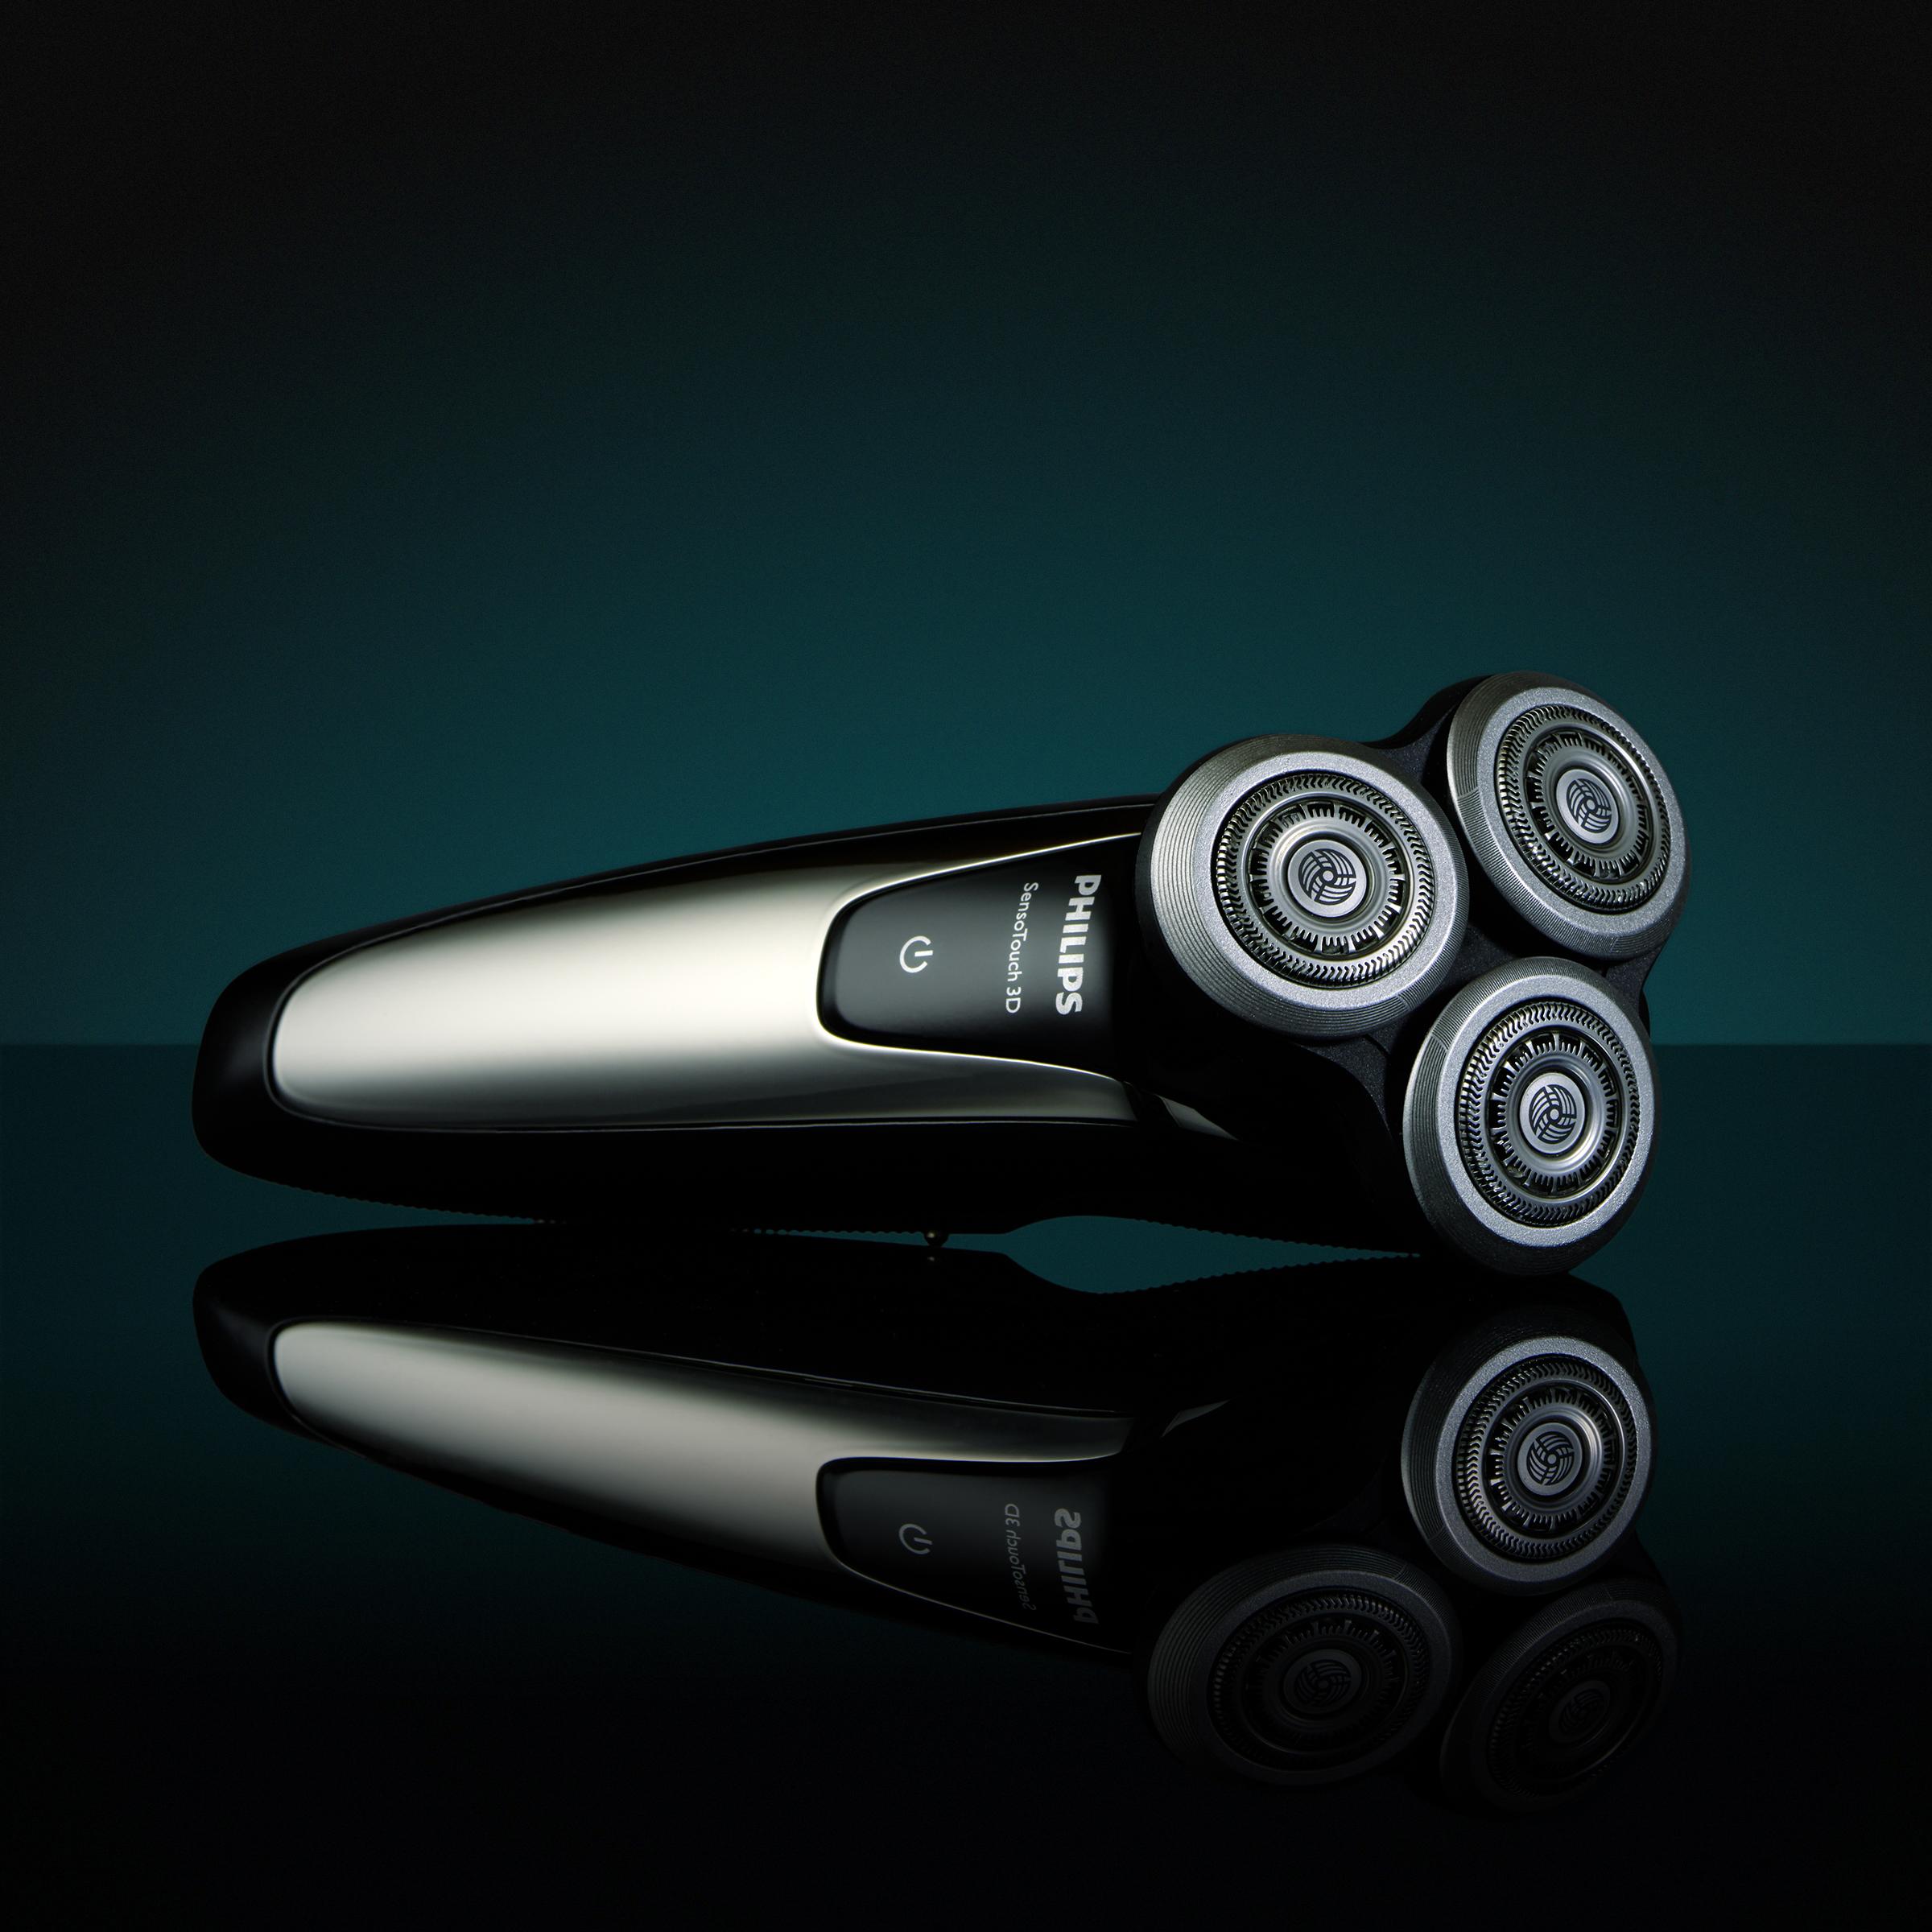 Philips Shaver Flat Noise.jpg